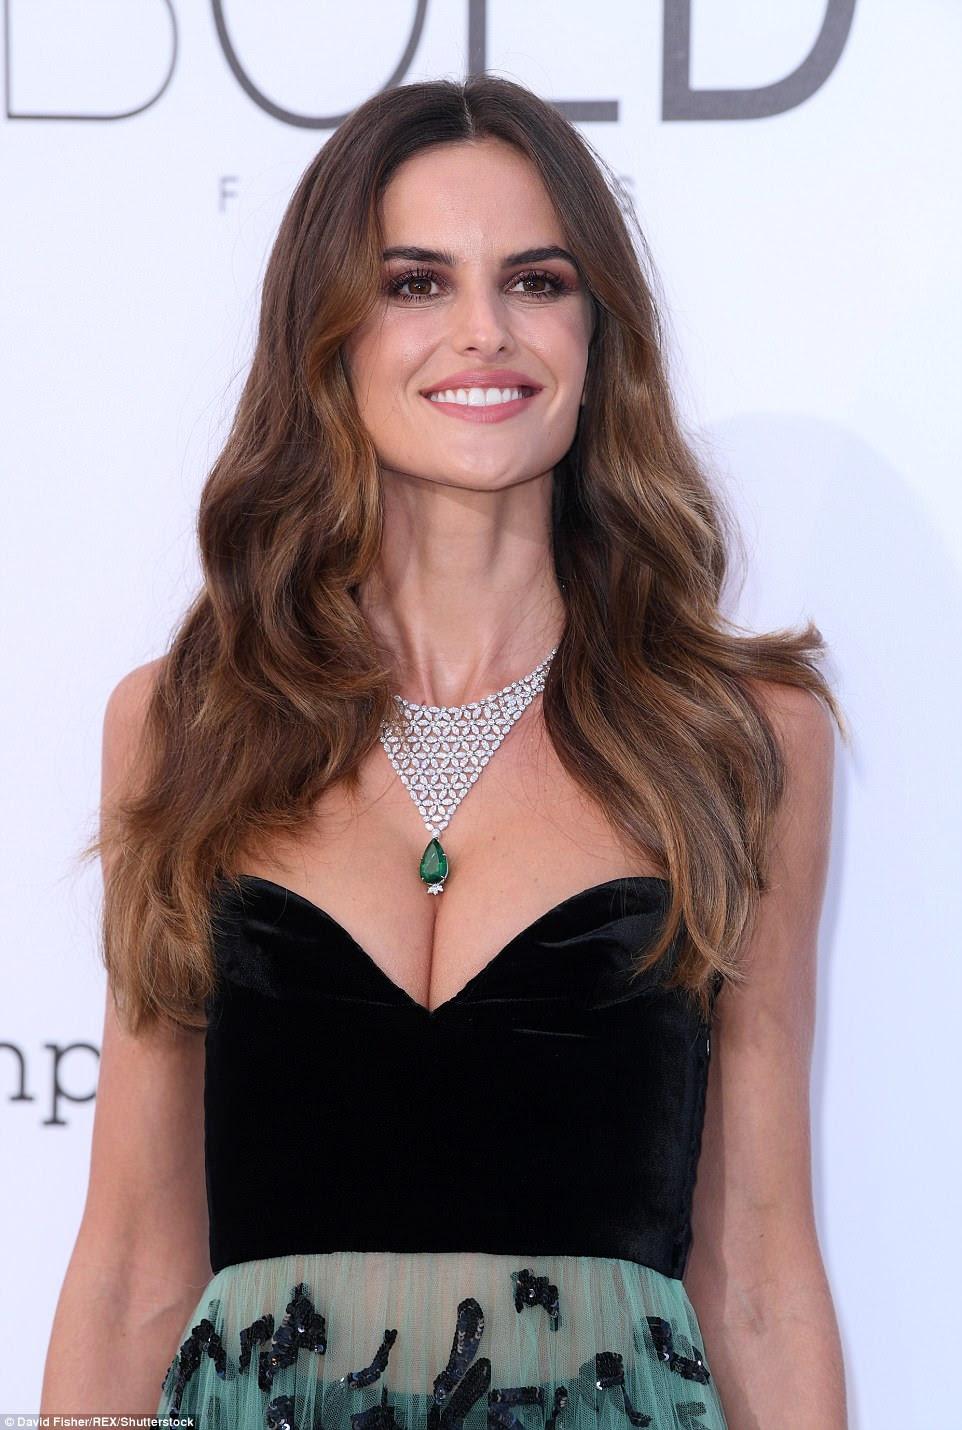 A rainha da passarela acrescentou mais um toque de glamour com um colar de prata com detalhes em esmeralda verde, o que complementou seu brilho